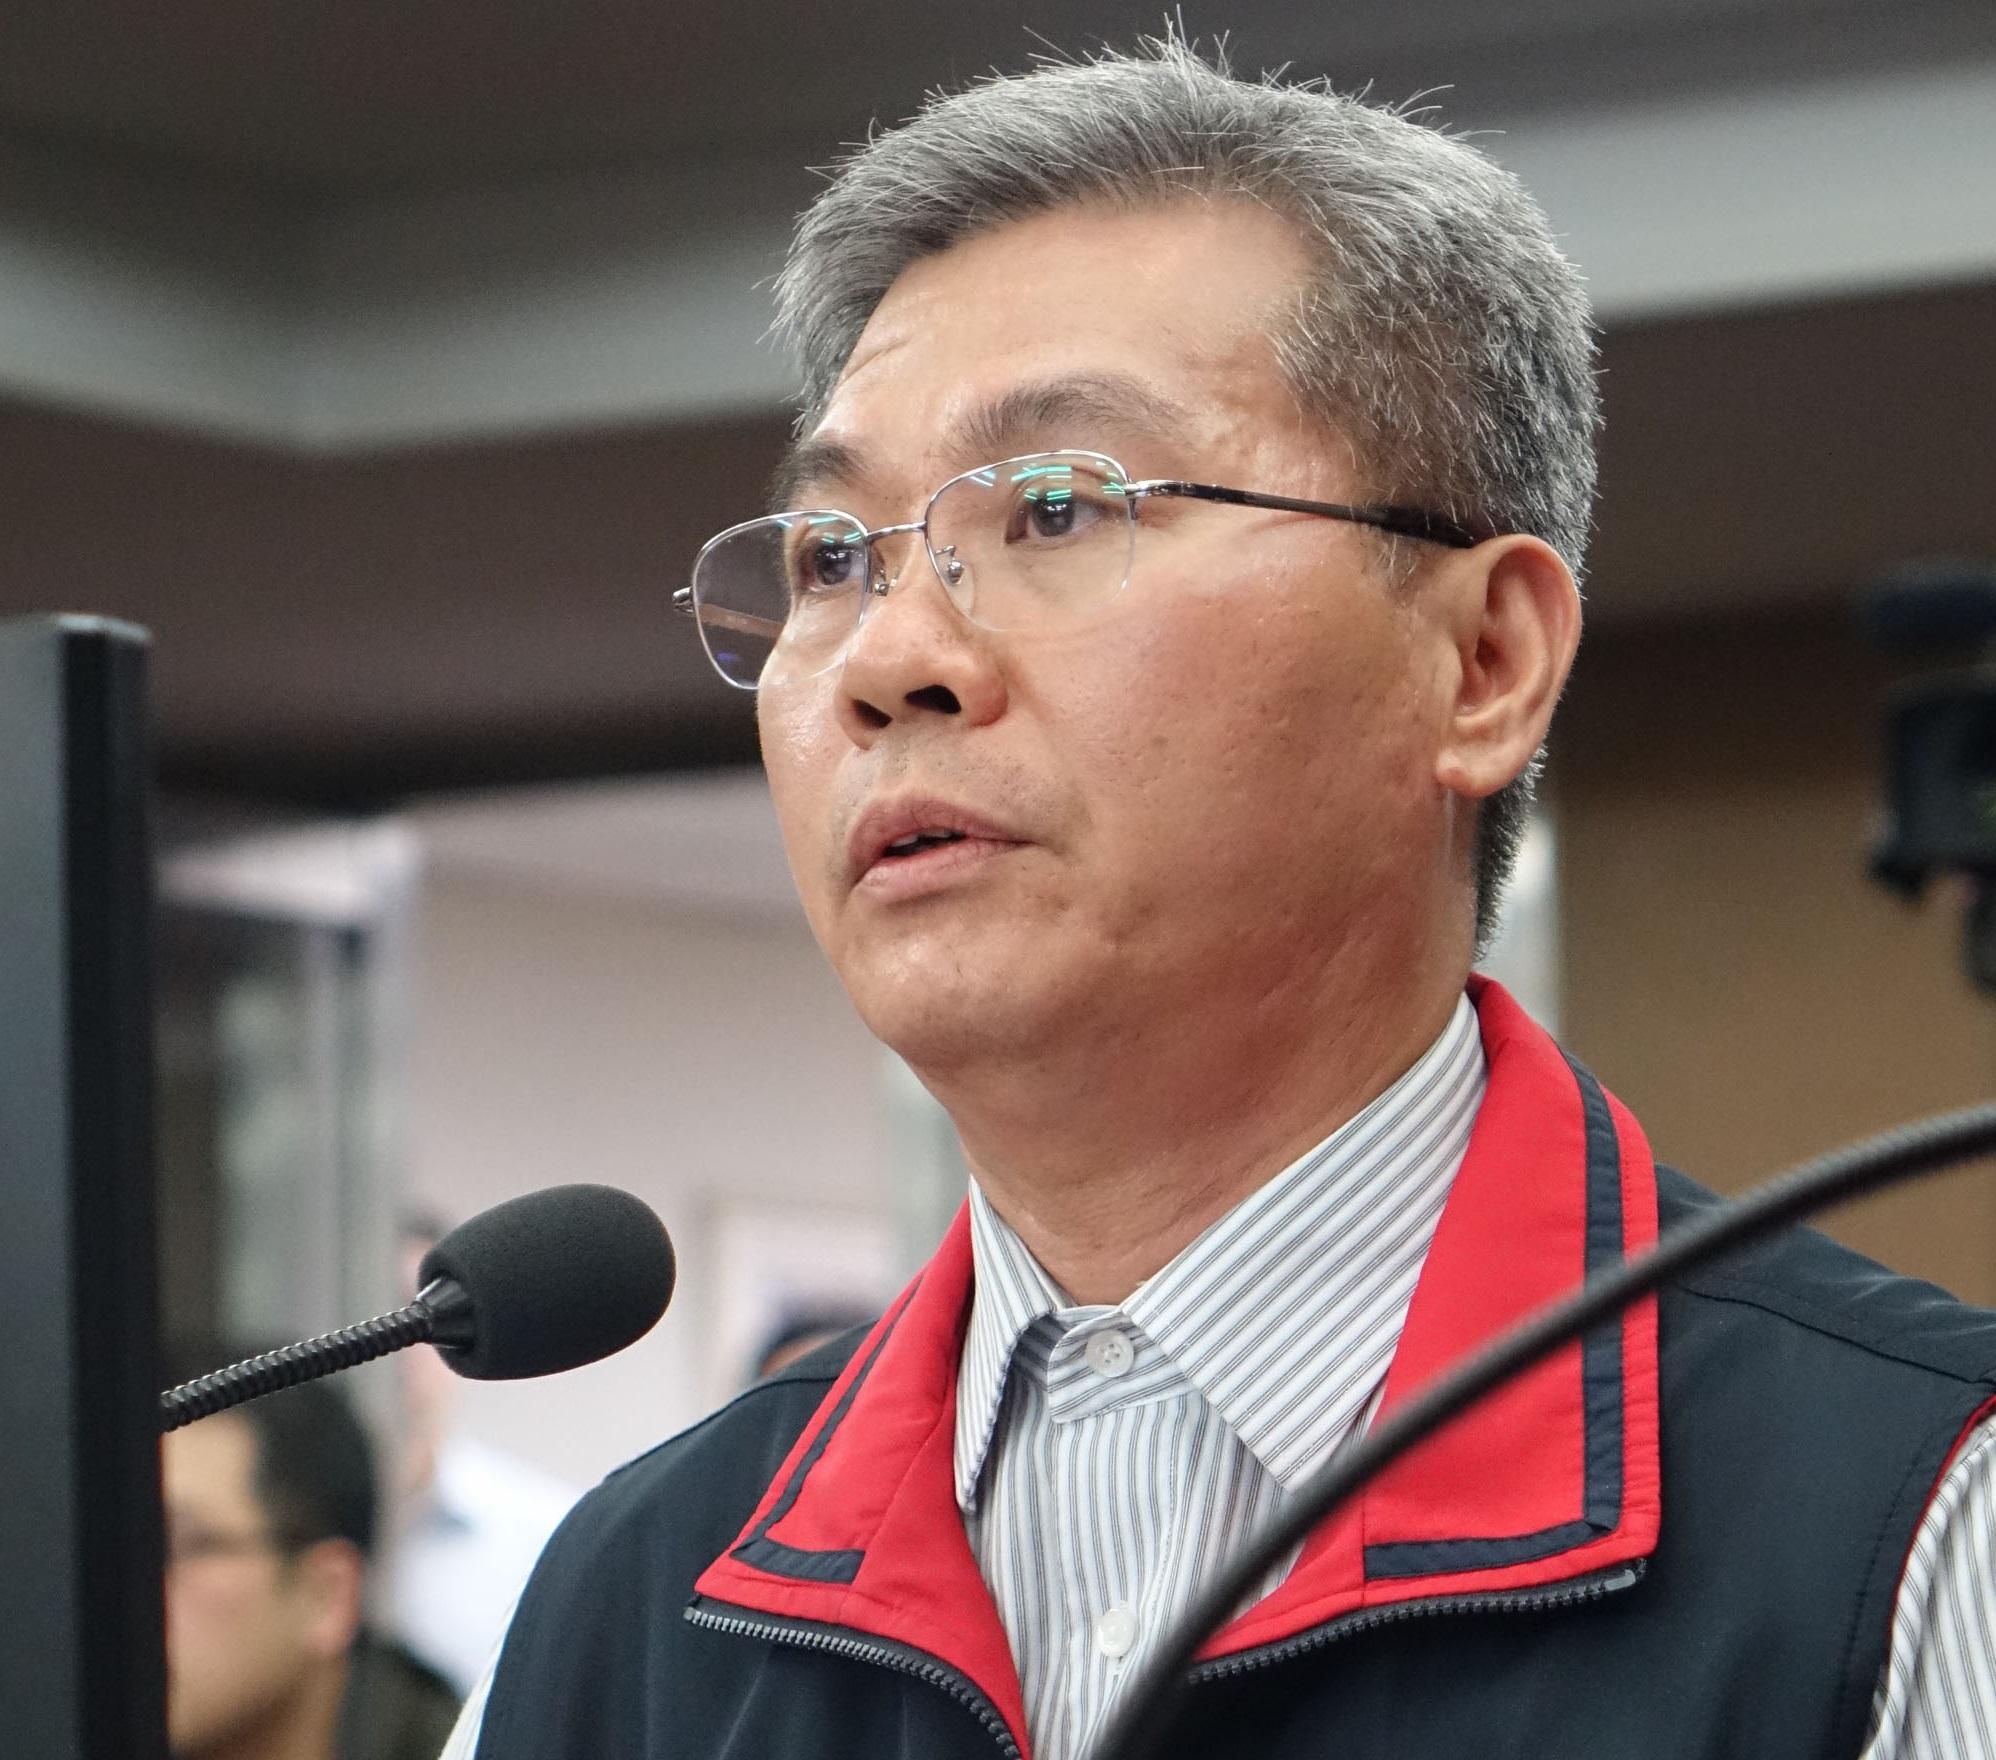 政署3日發布多項高階警官人事調動,其中台北市警局主任秘書方仰寧調任台北市警局副局長。(中央社檔案照片)